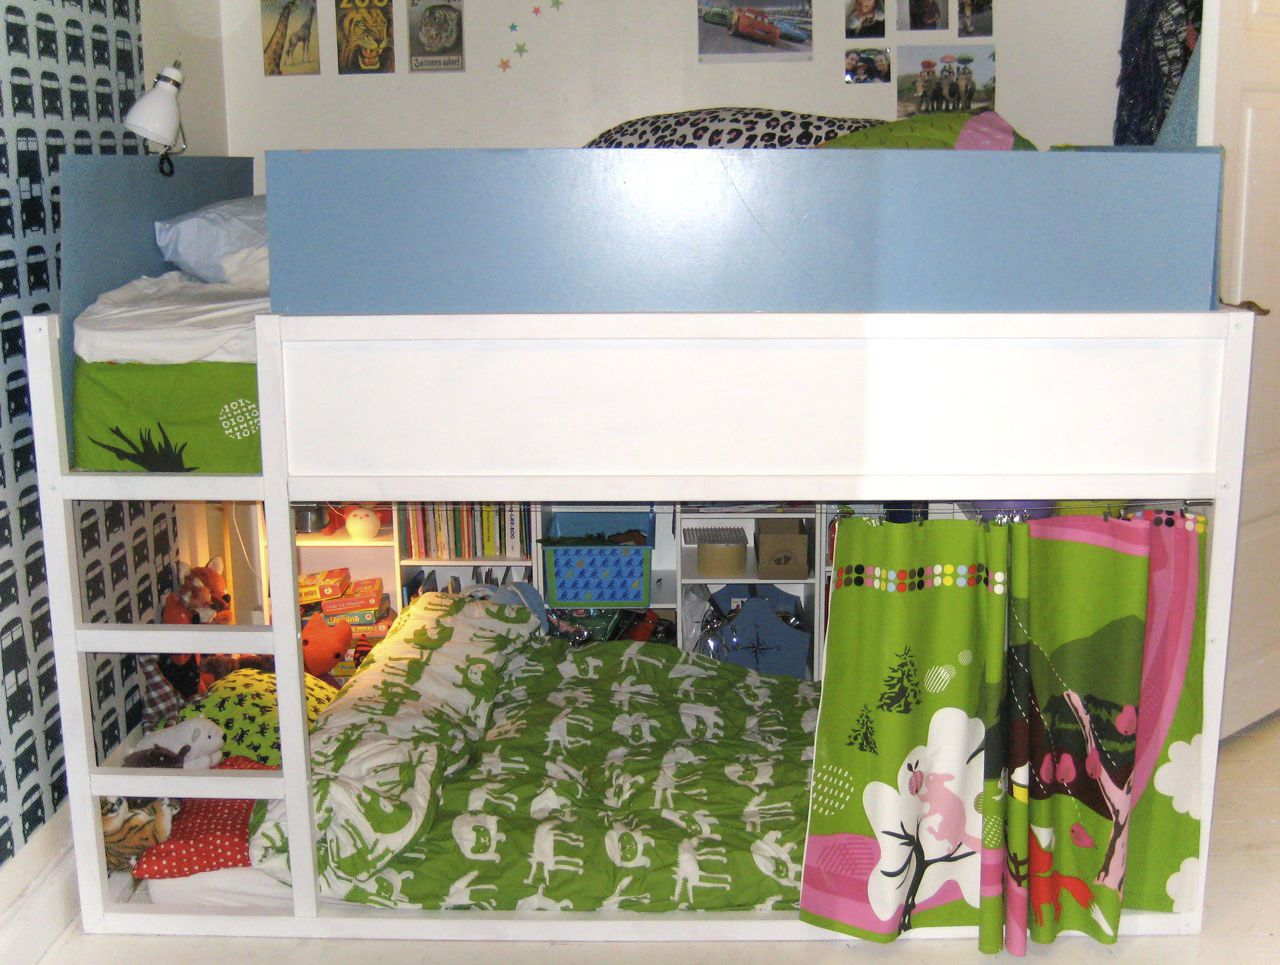 kura ikea on pinterest ikea kura bed kura bed and ikea kura. Black Bedroom Furniture Sets. Home Design Ideas